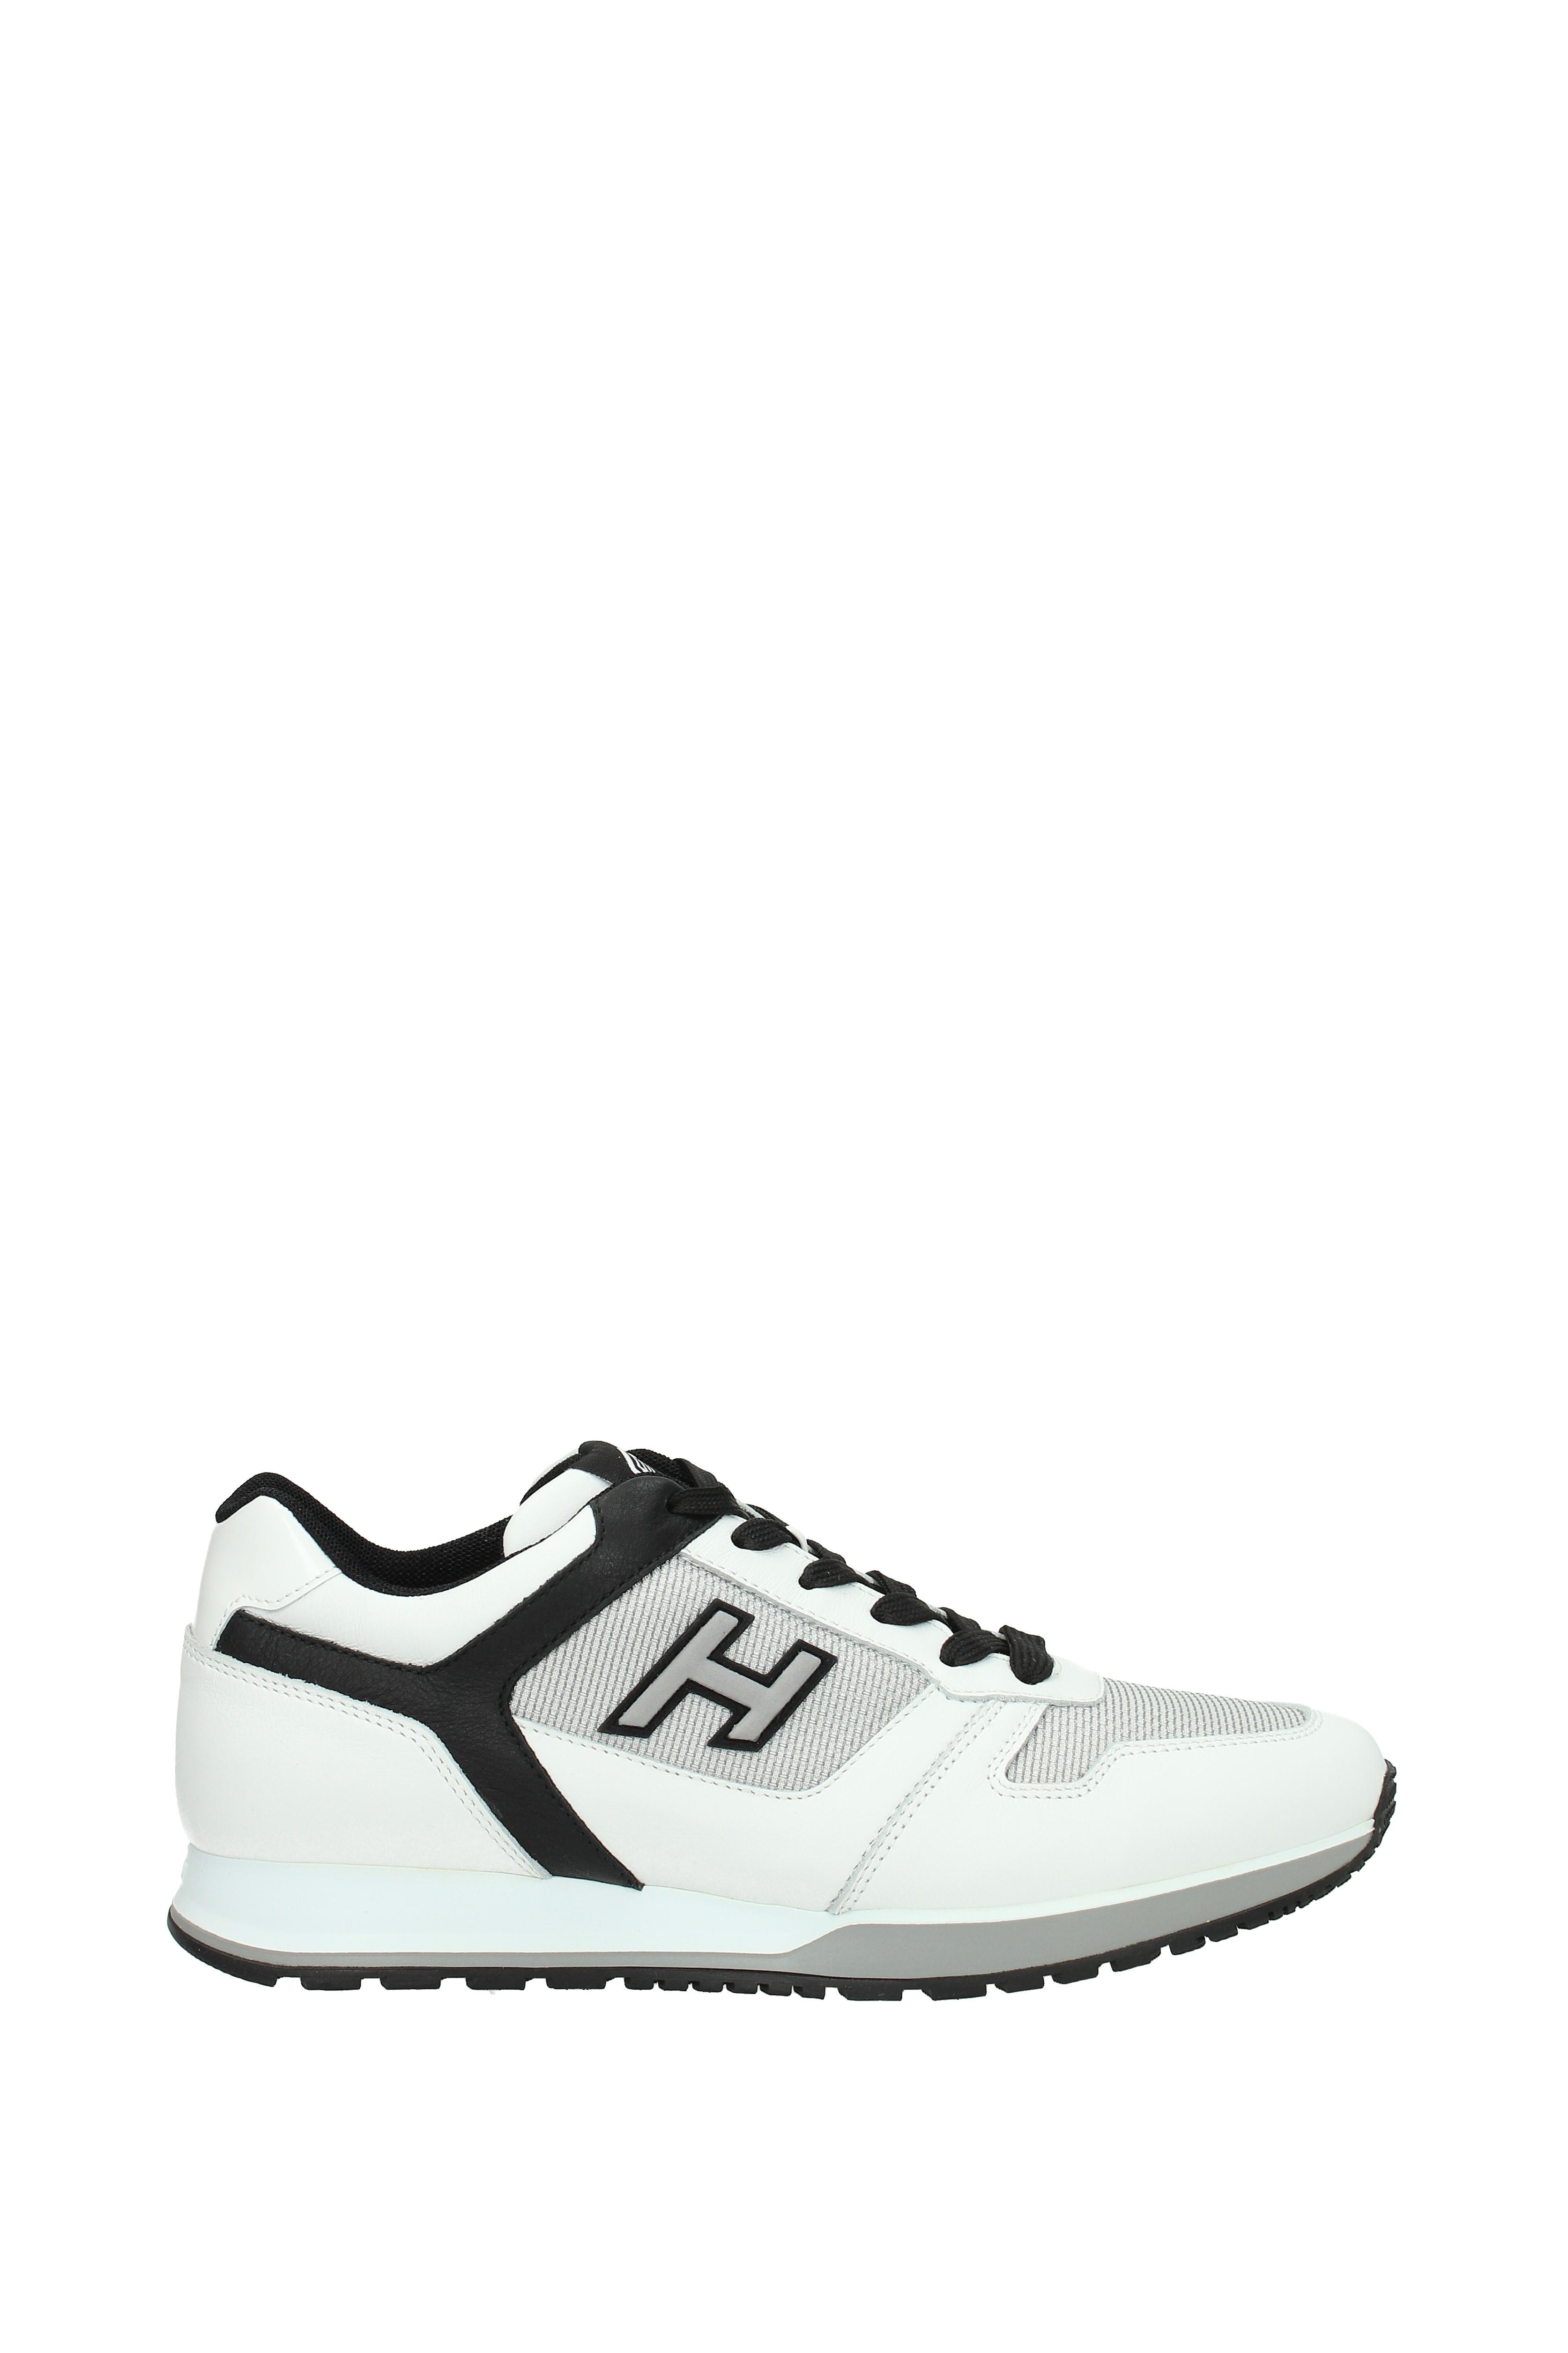 Sneakers Hogan (HXM3210Y110GBX) Herren - Stoff (HXM3210Y110GBX) Hogan a72644